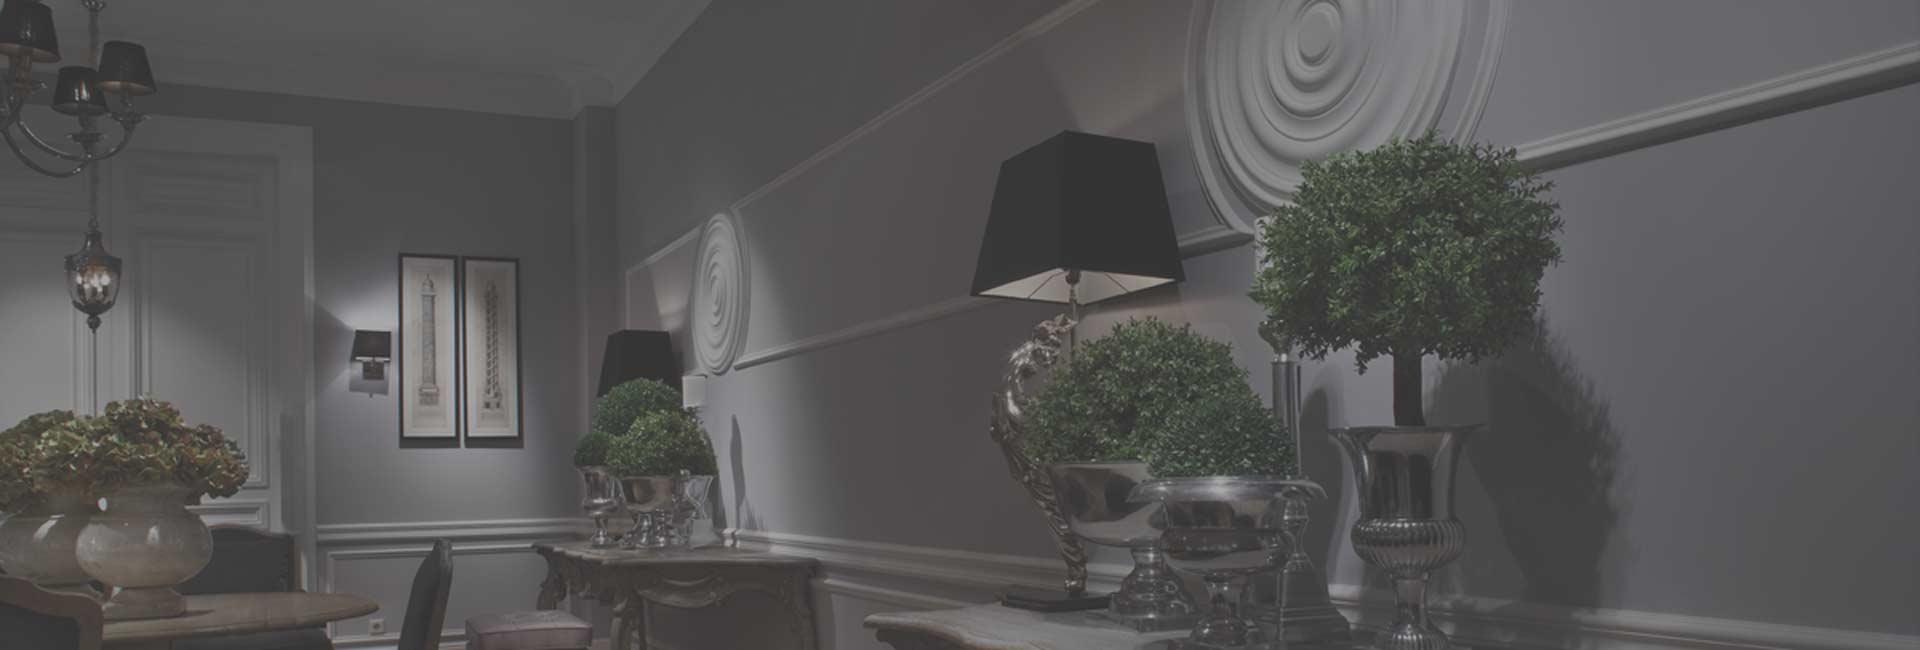 Listwy ścienne Dekoracyjne Dekoracje Na ściany Abc Dom